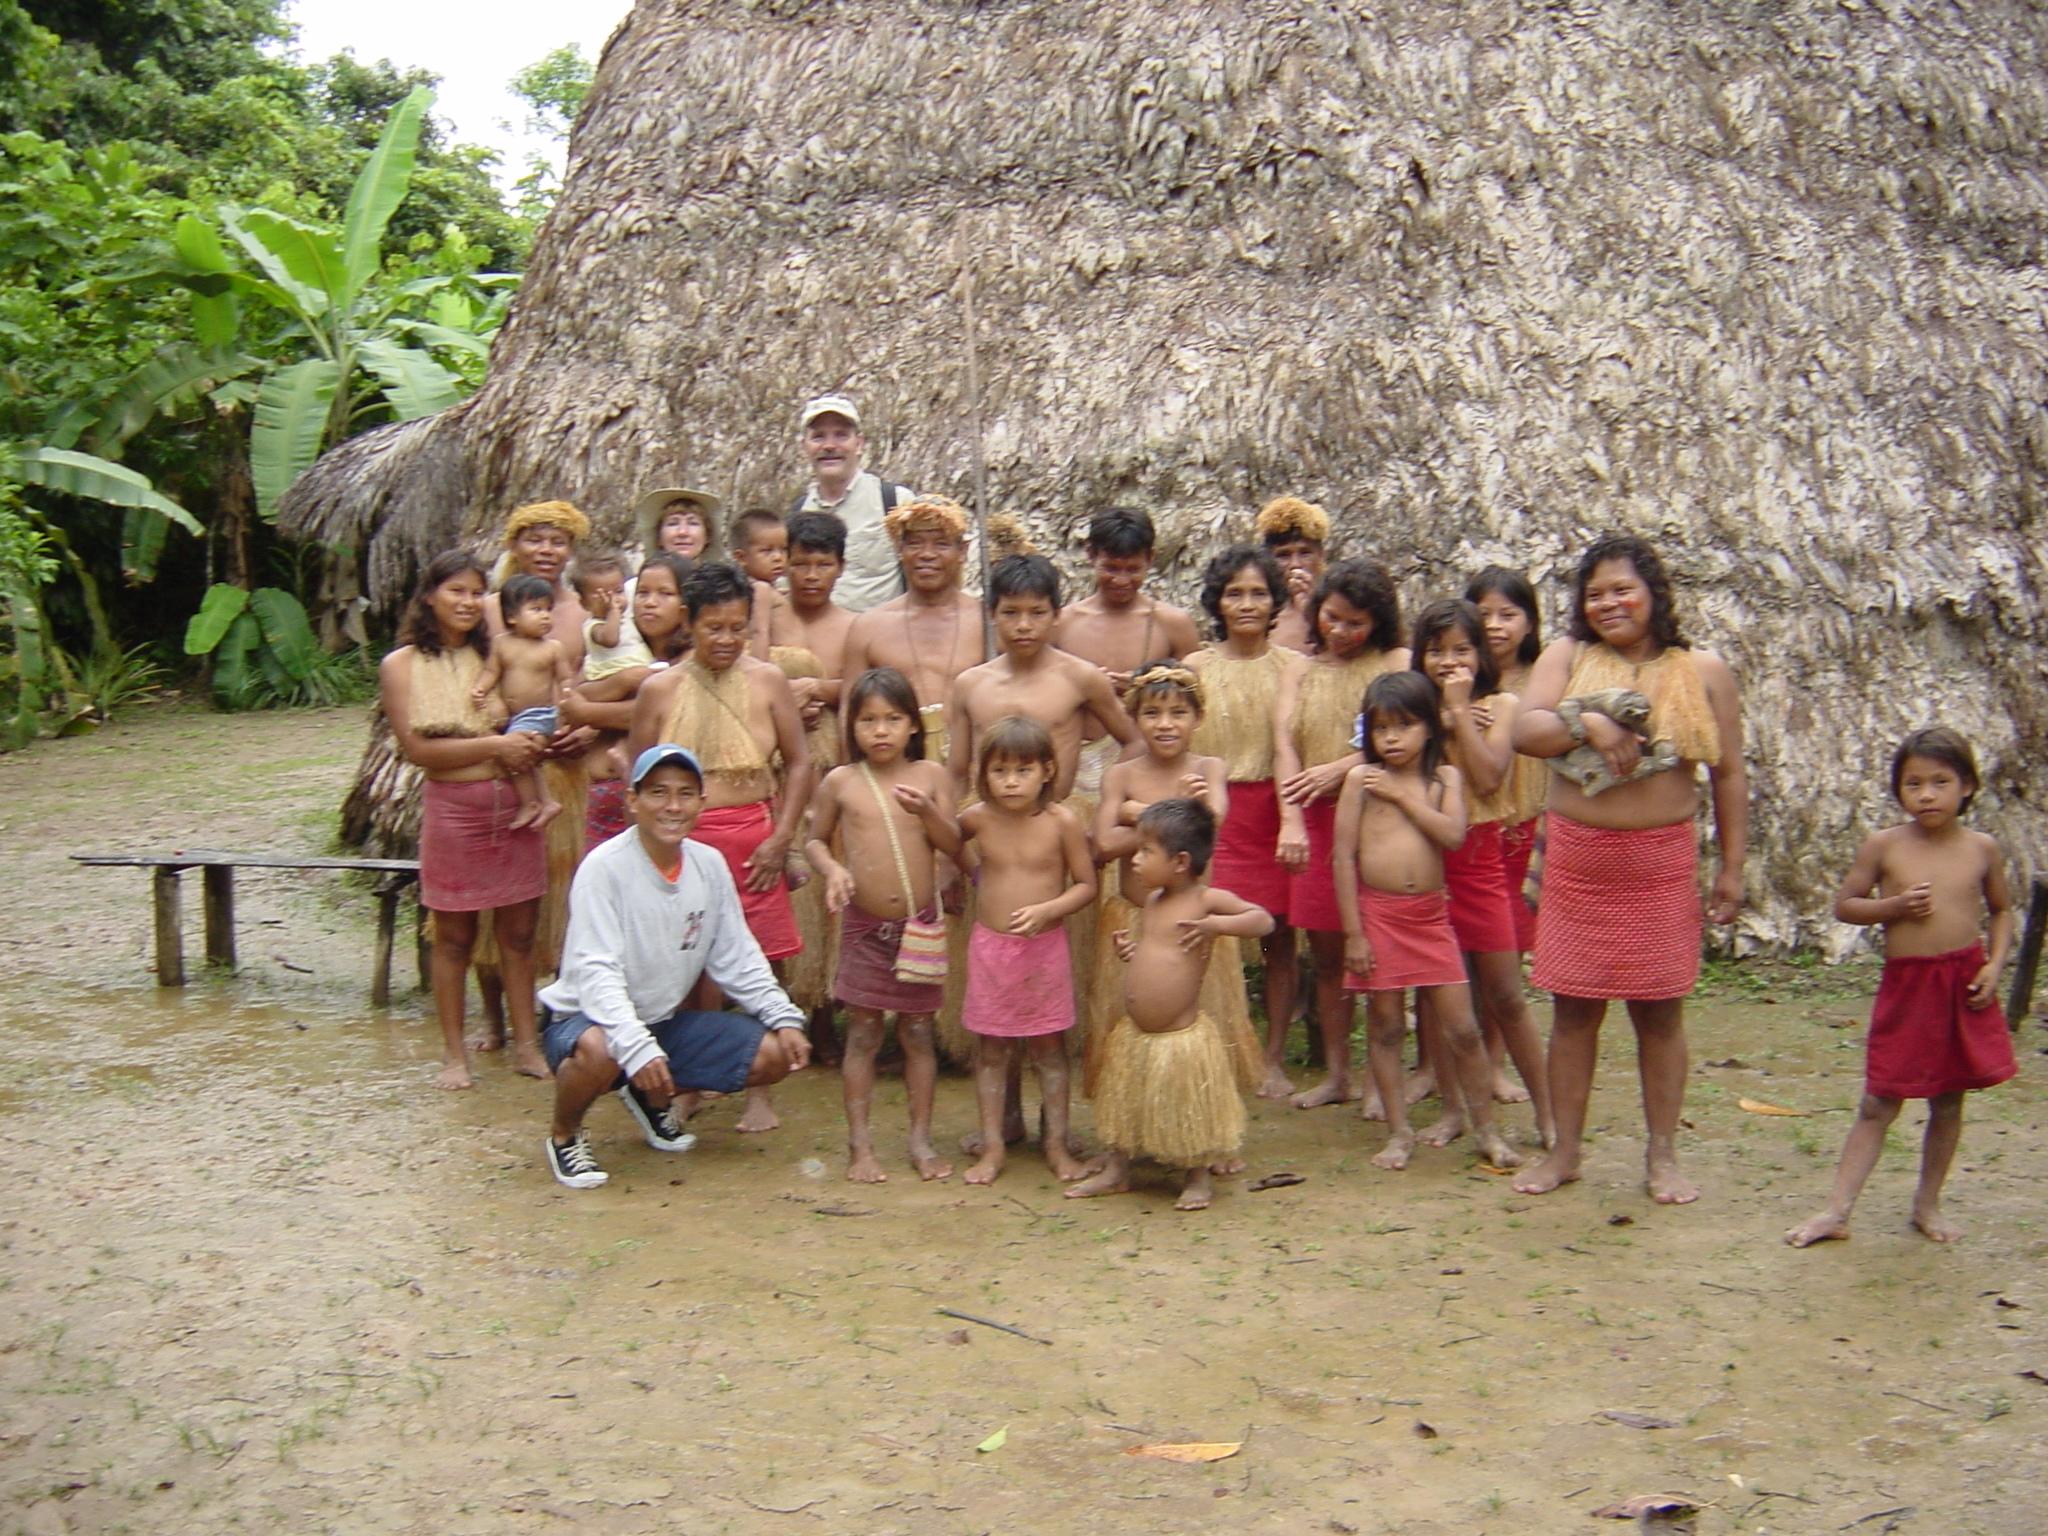 amazon trive&amazon tribe girl